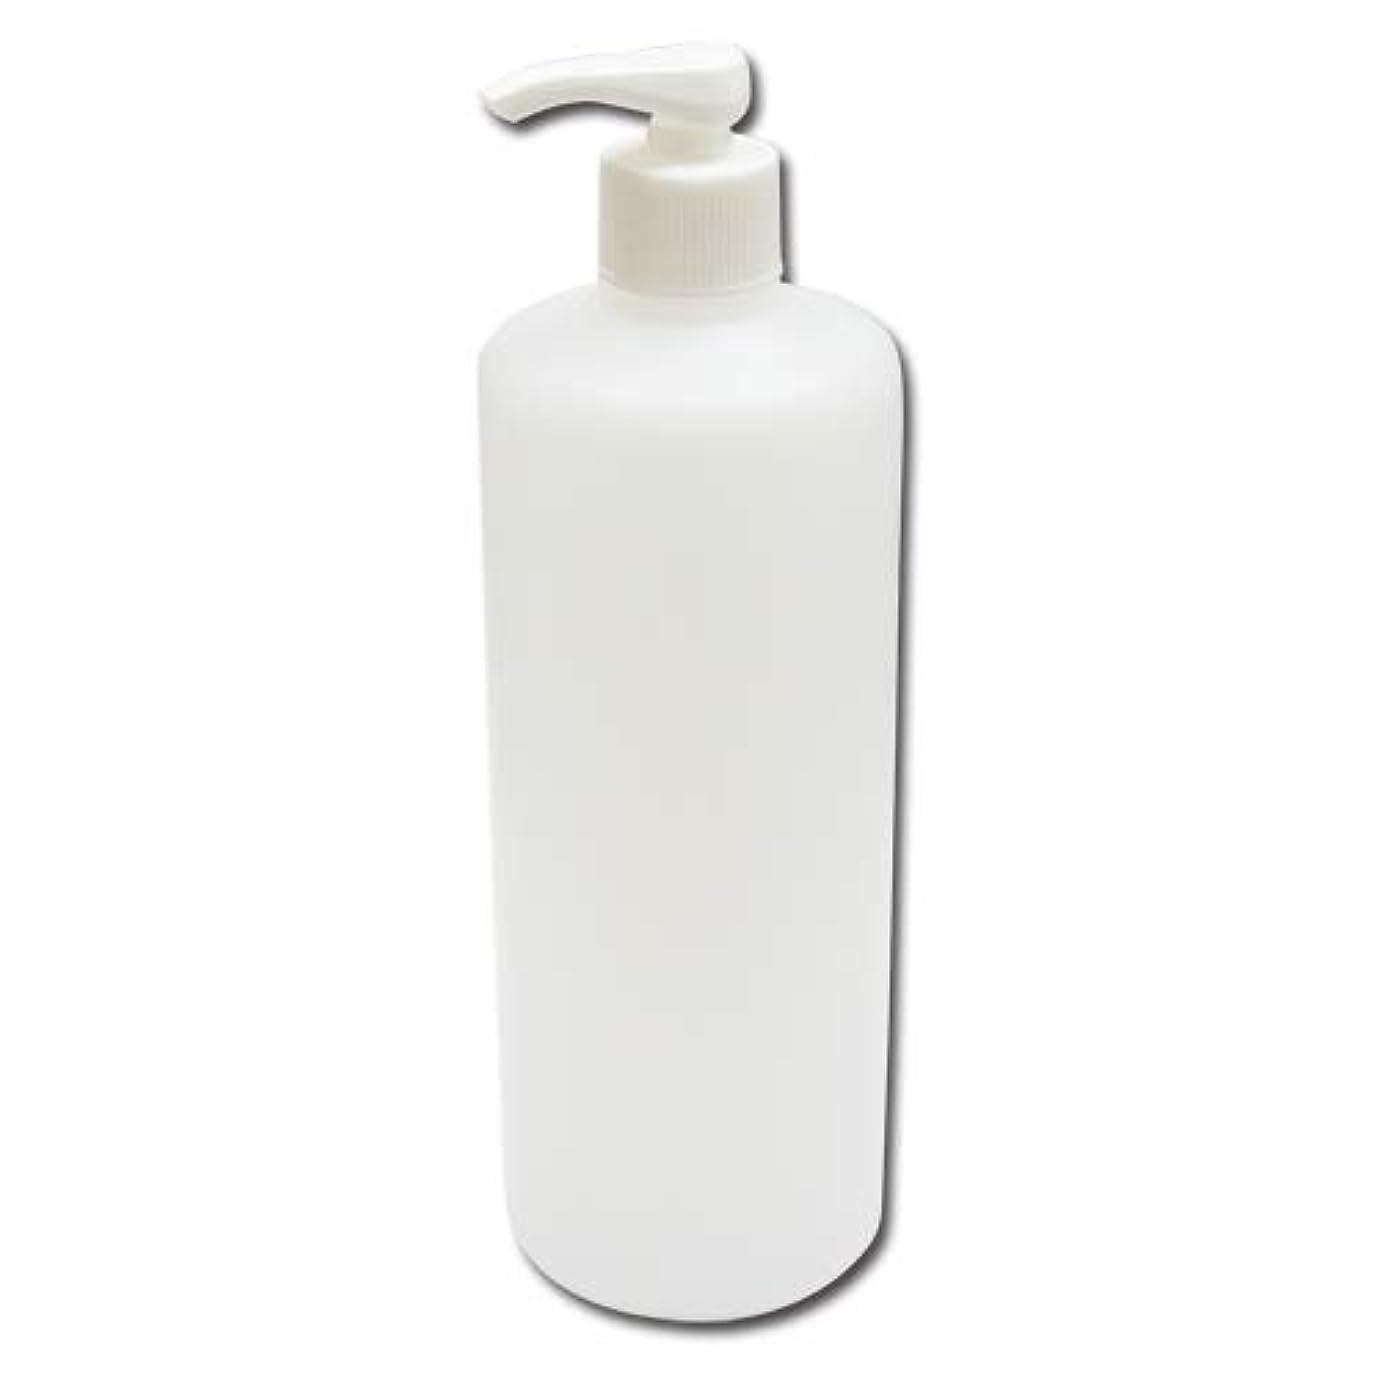 祖先起訴する健全ポンプボトル詰め替え容器500ml│ディスペンサー詰め替え容器/業務用シャンプー?ボディーソープの小分けにポンプ容器 広口タイプ